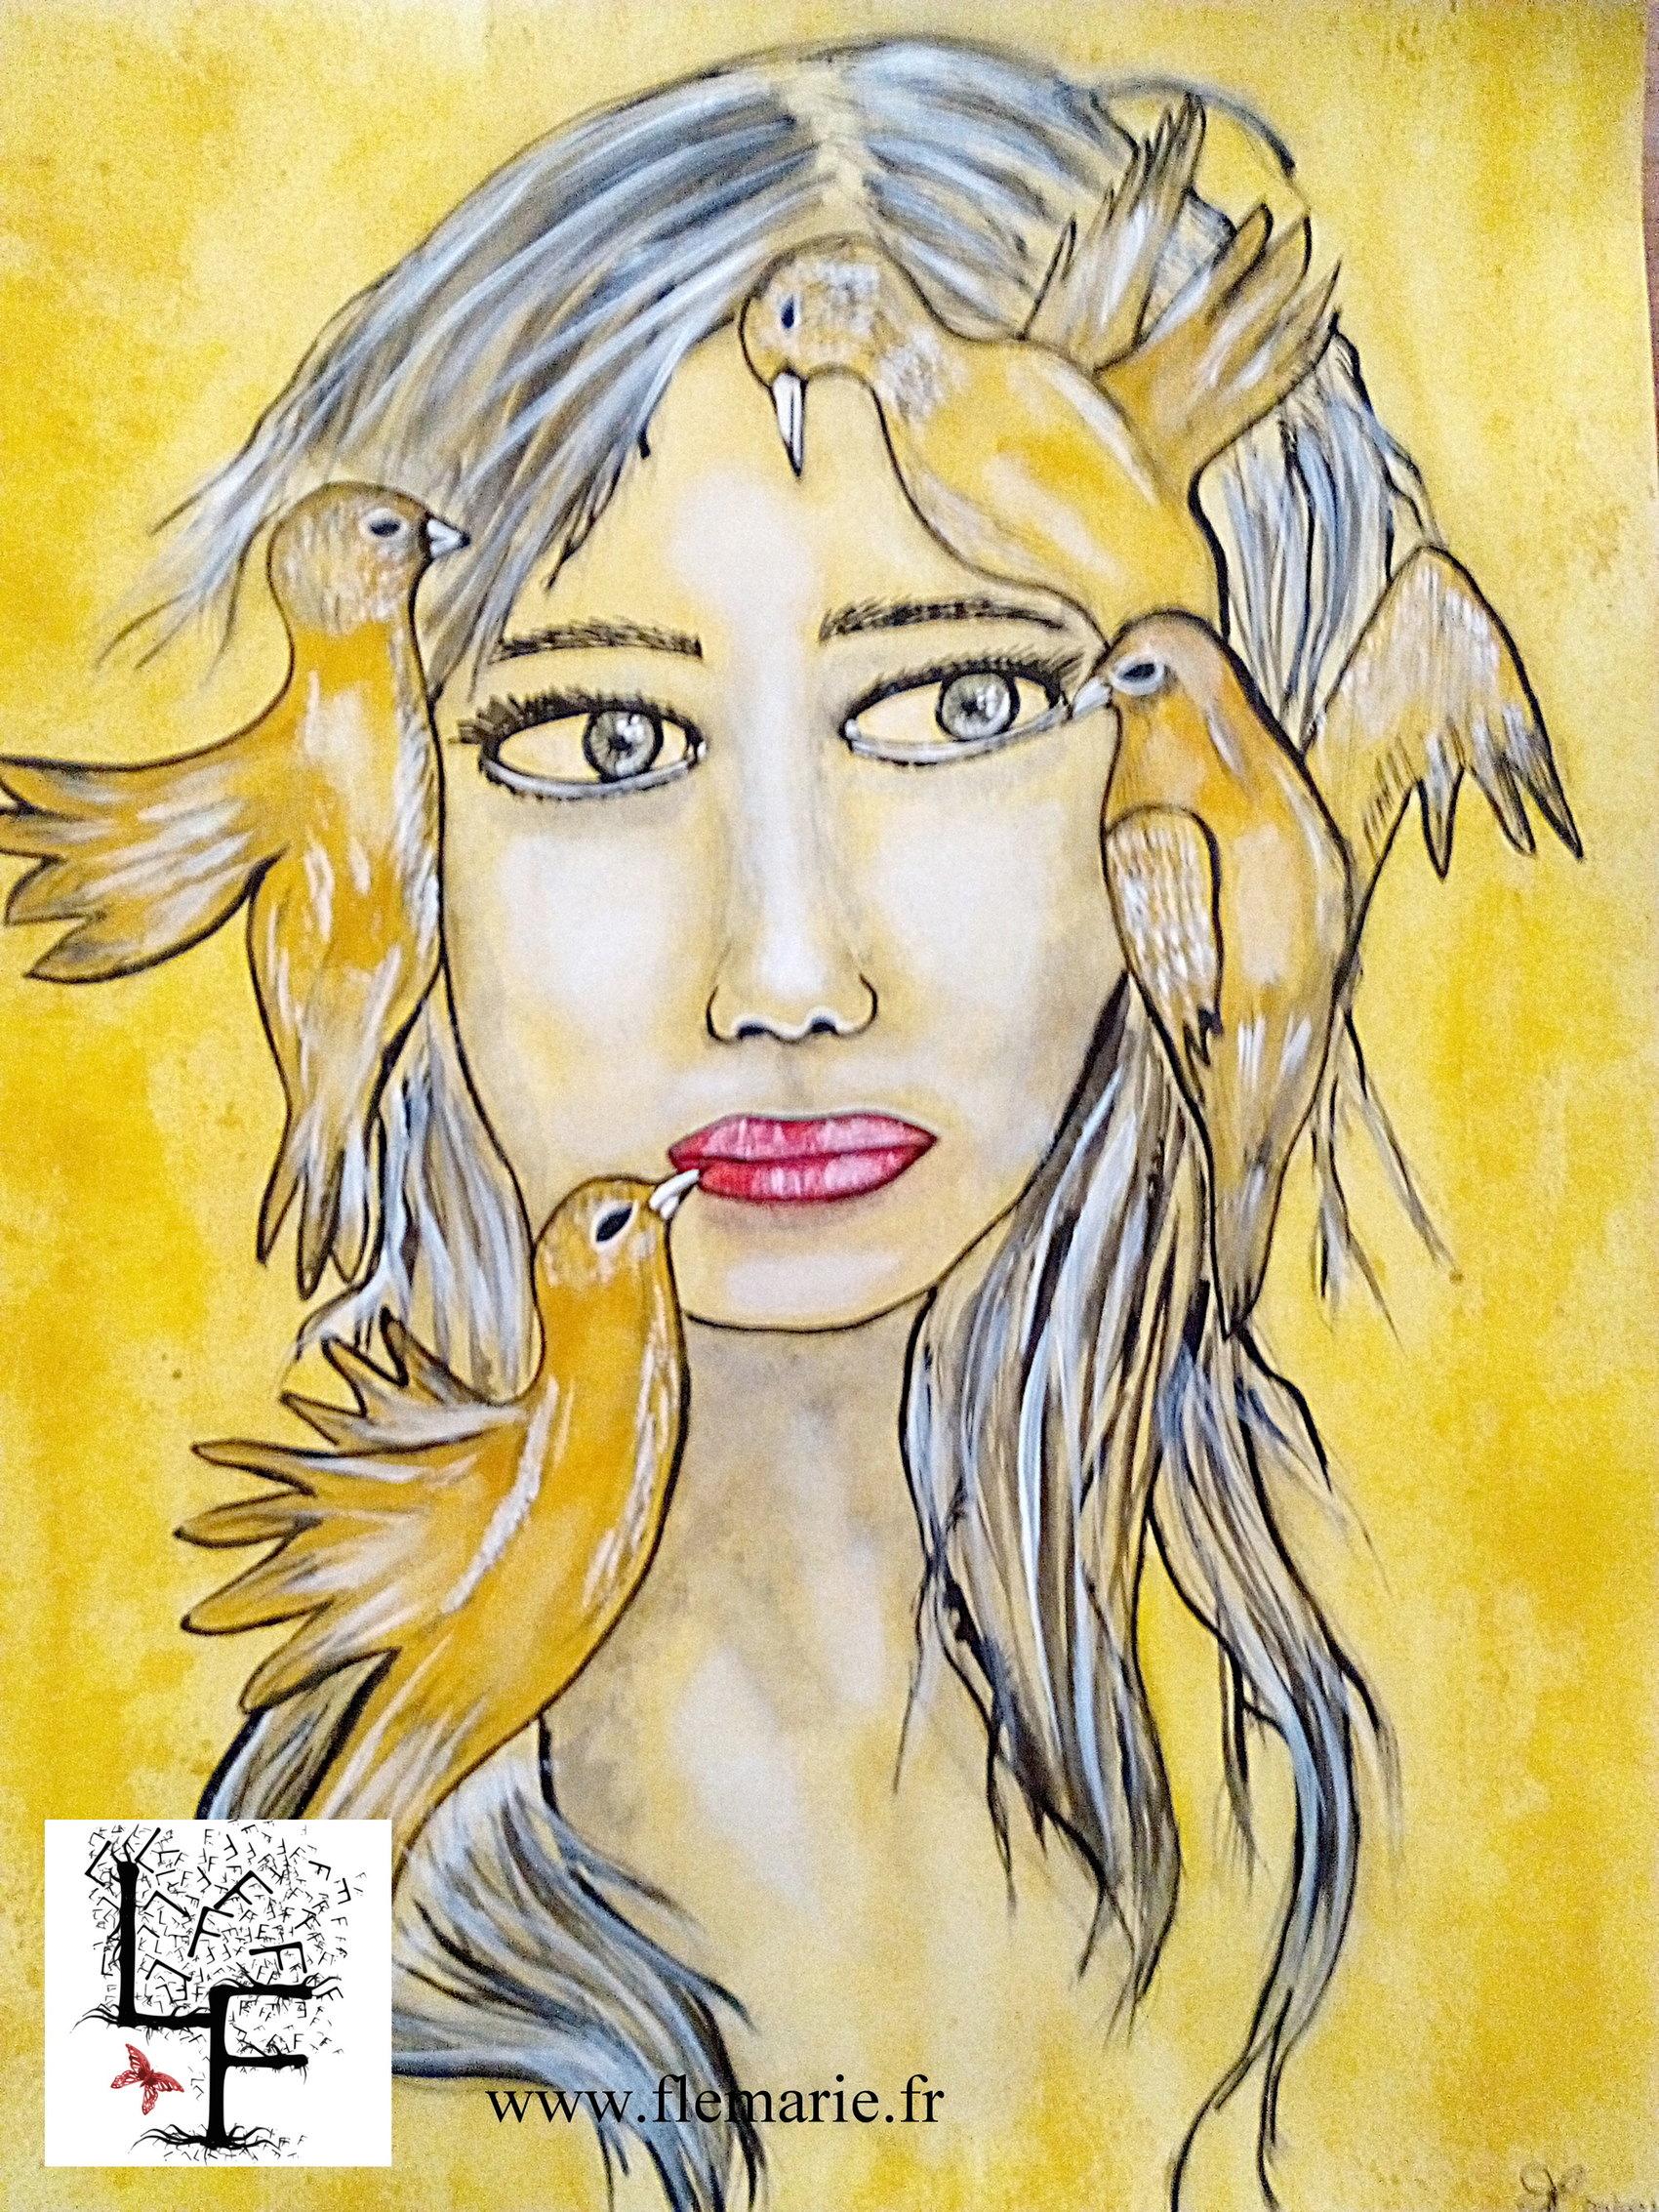 La fille aux oiseaux  Aquarelle sur papier A3 300g/m2